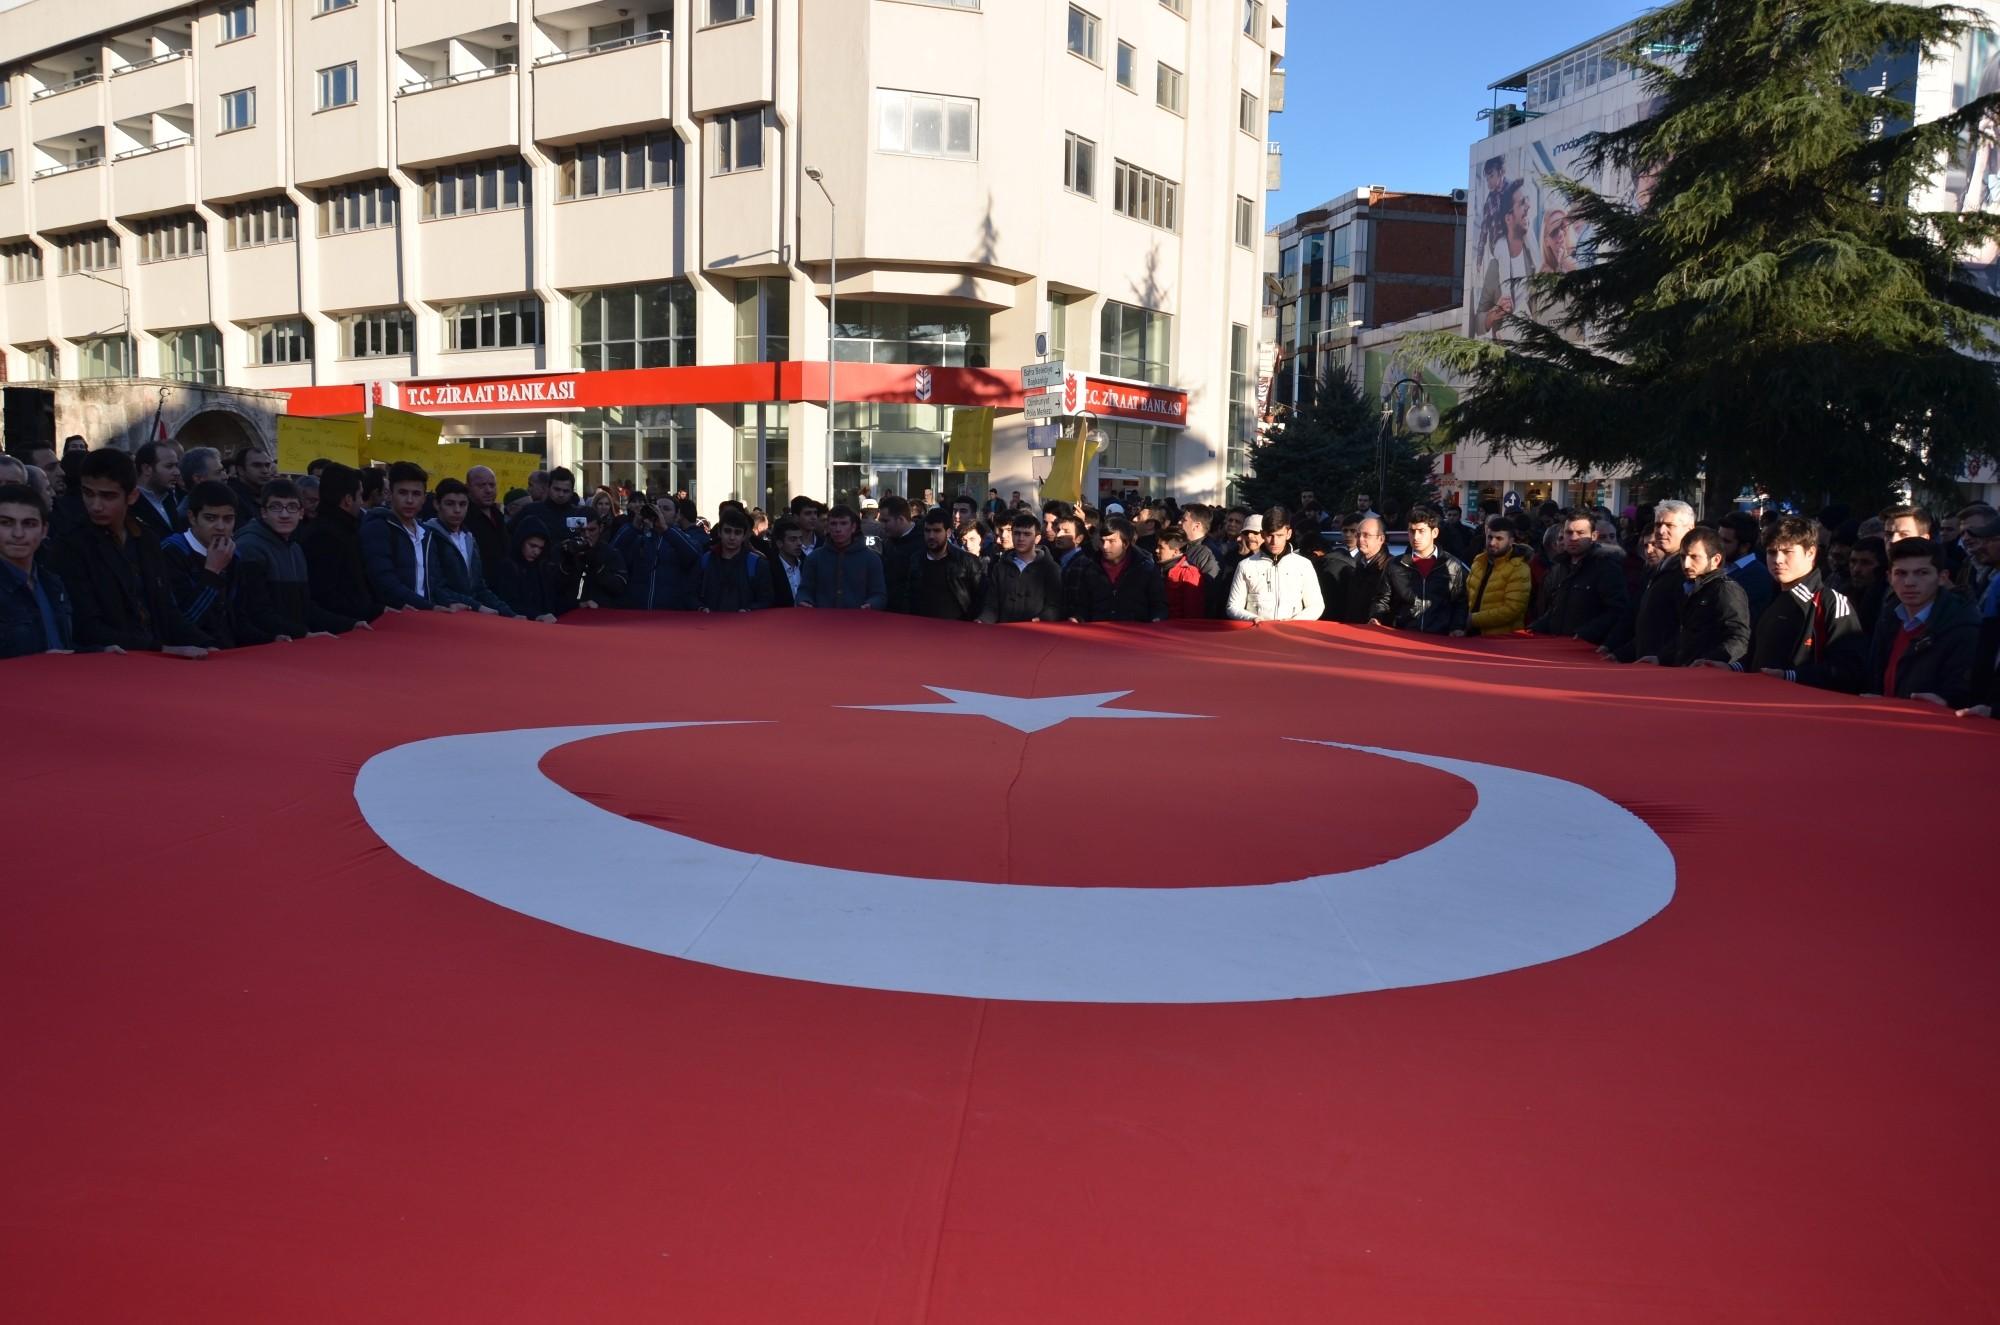 Ege Üniversitesi'ndeki Cinayet Samsun'da Protesto Edildi